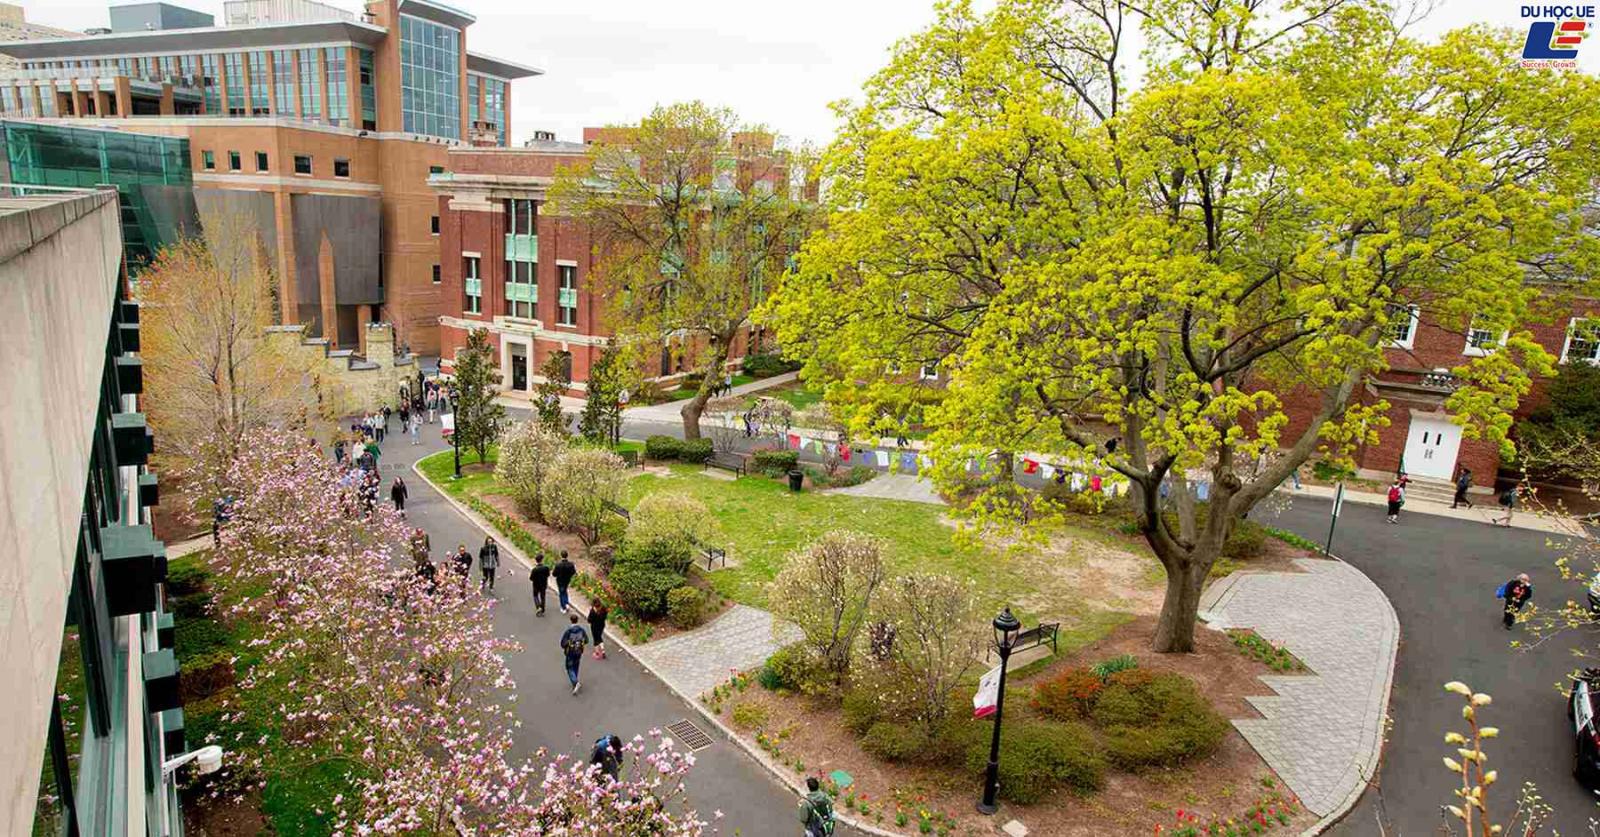 Thực hiện ước mơ du học với suất học bổng lên đến 100% học phí tại Stevens Institute Of Technology 2